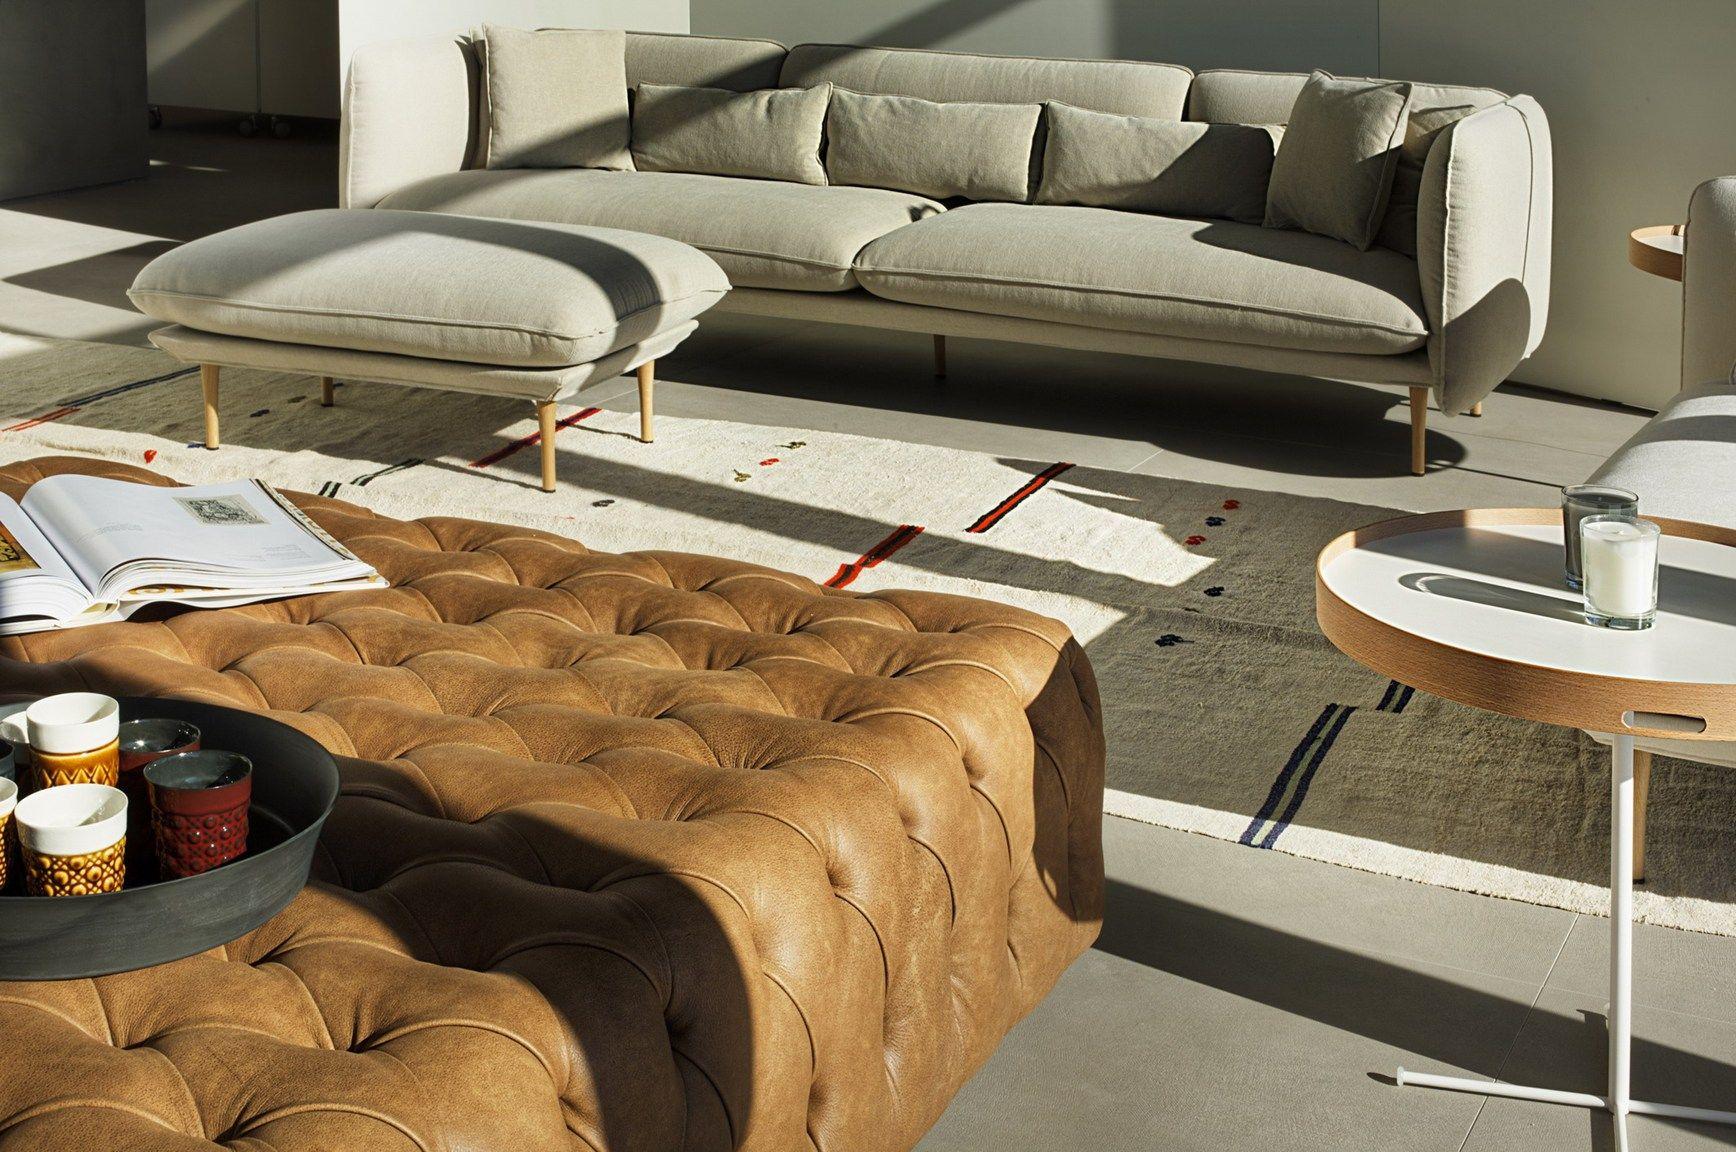 Il nuovo showroom de padova a istanbul - Il divano di istanbul ...